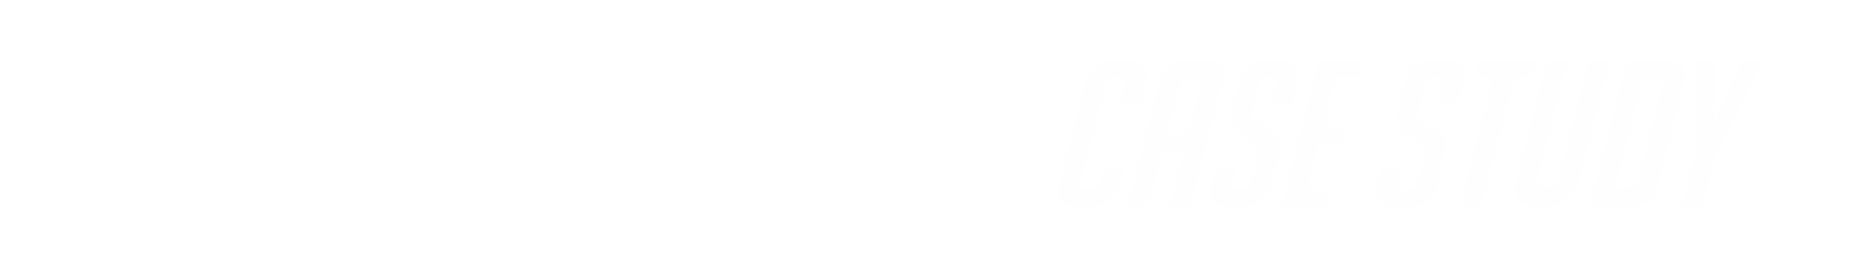 SC-Case-Study-beecoms-logo